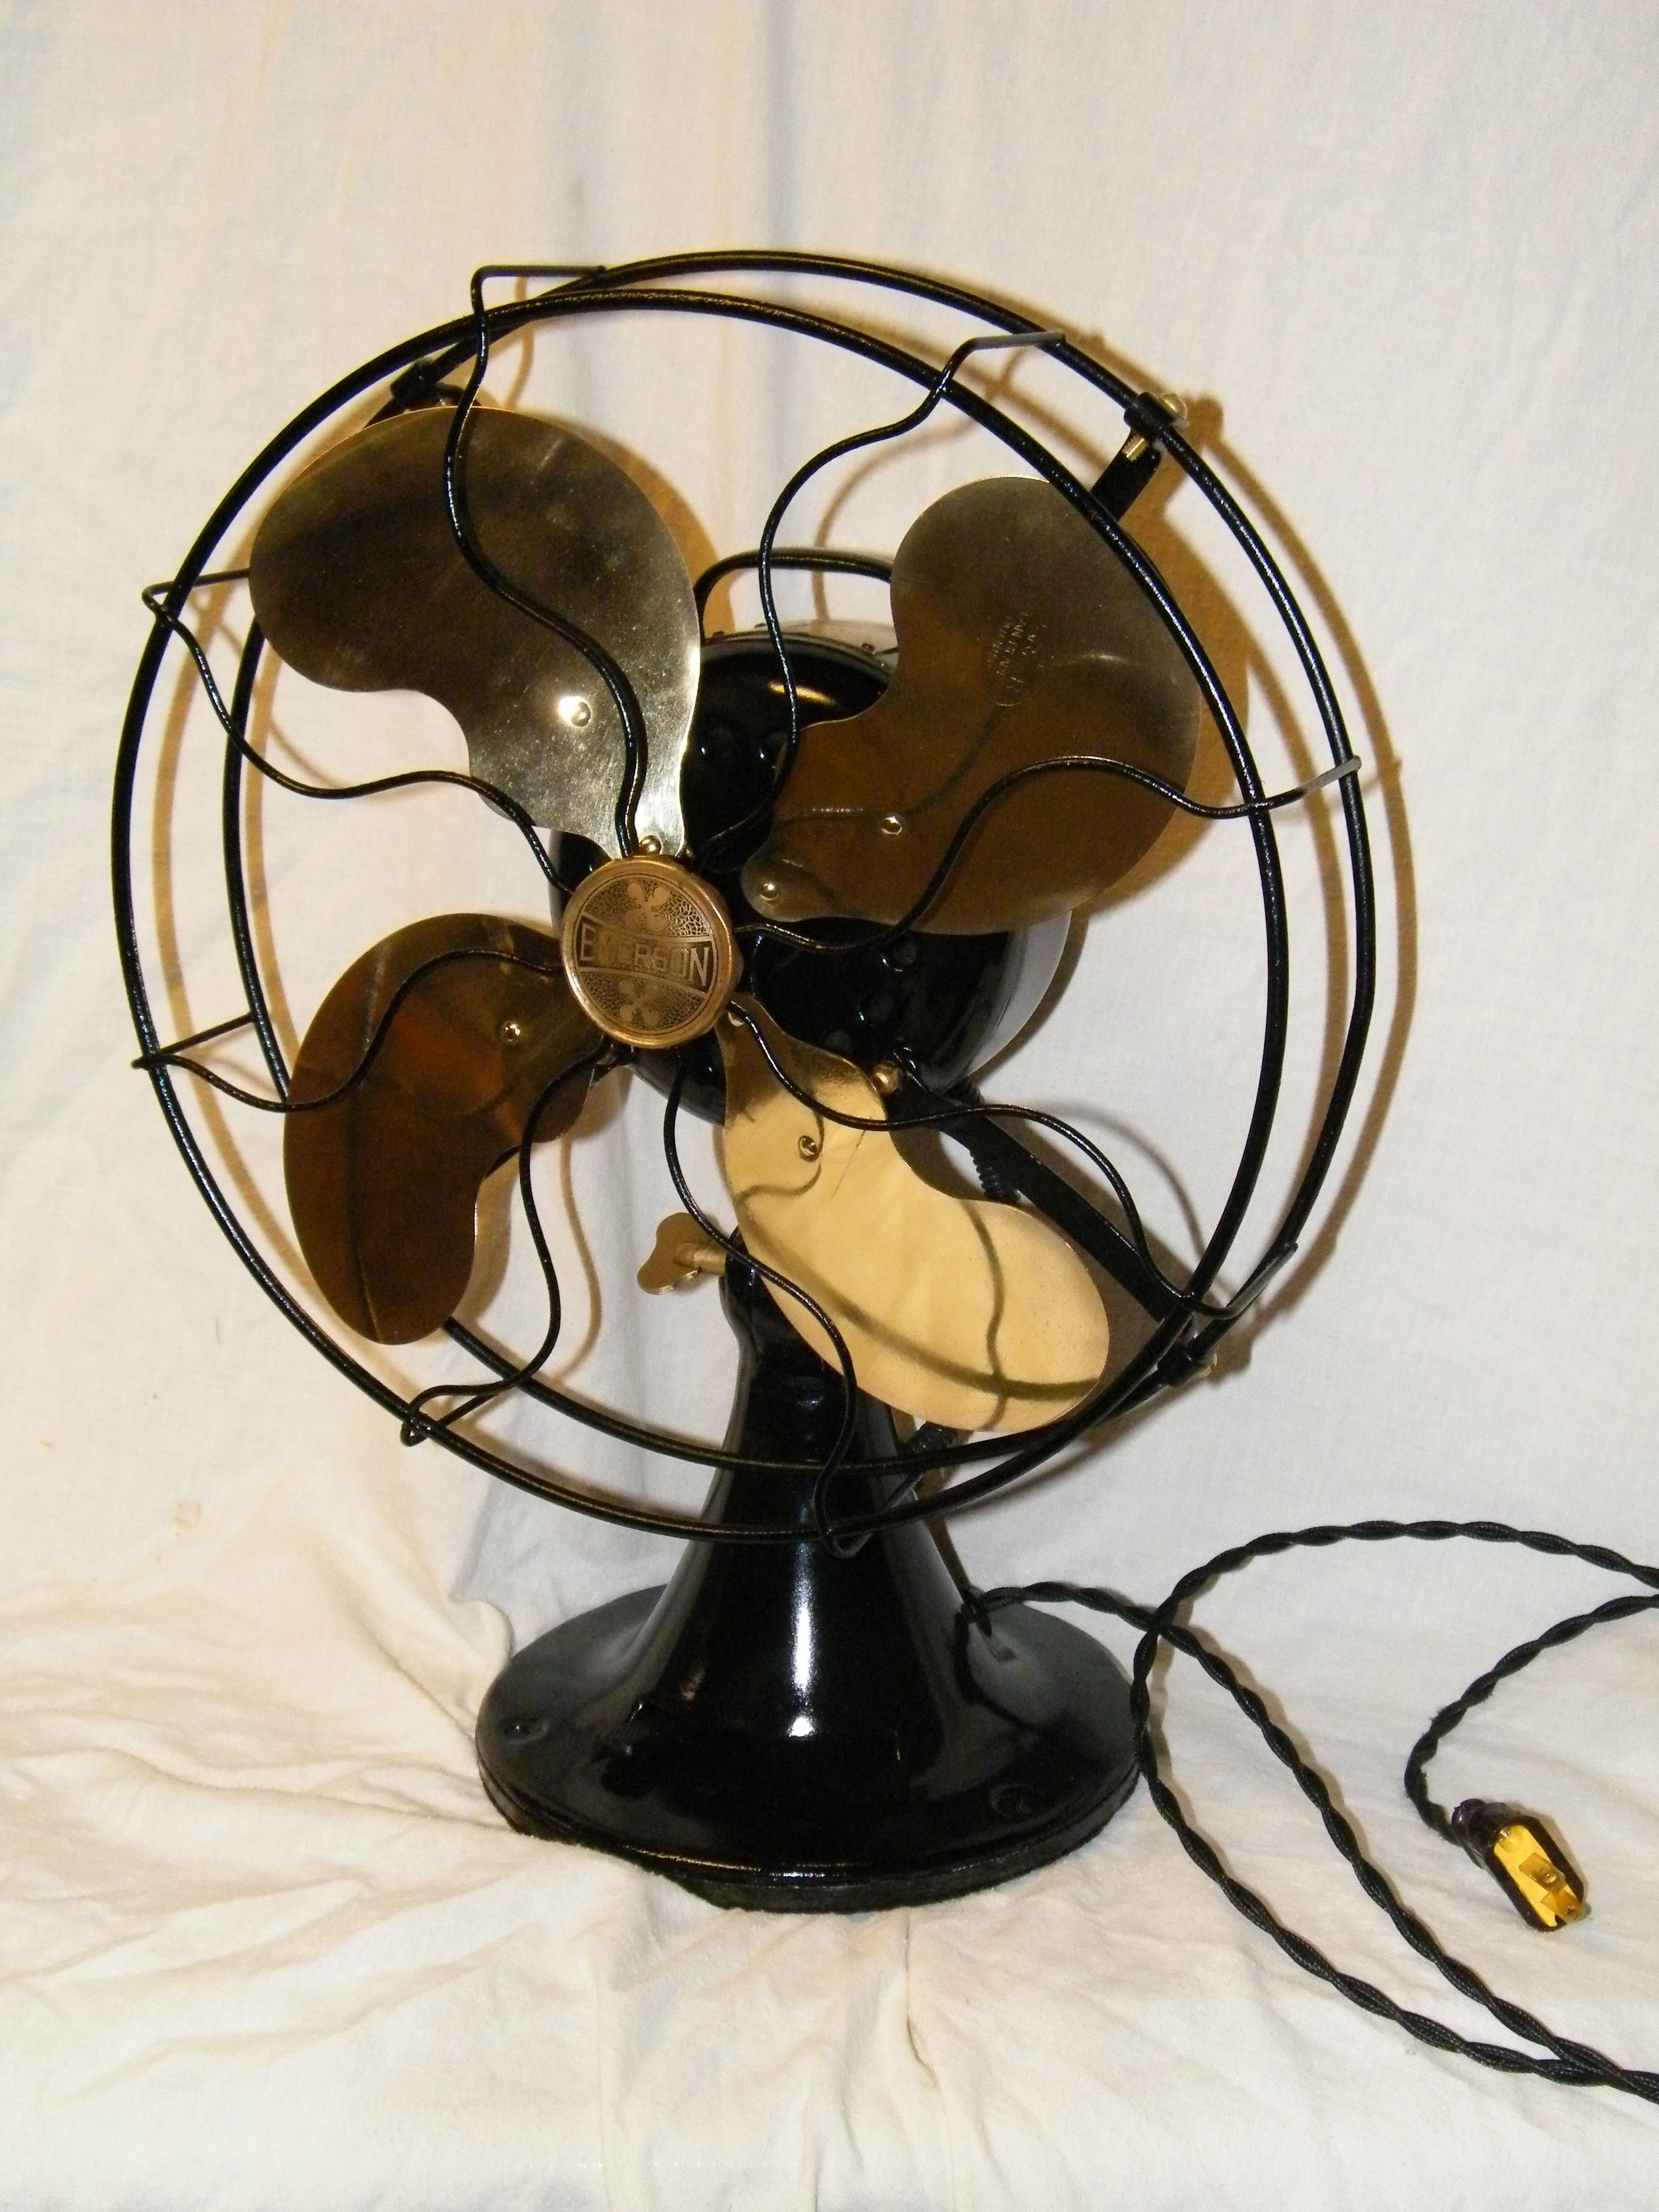 Antique Emerson Fan With Brass Blades Antique Fans Fan Blade Art Old Fan